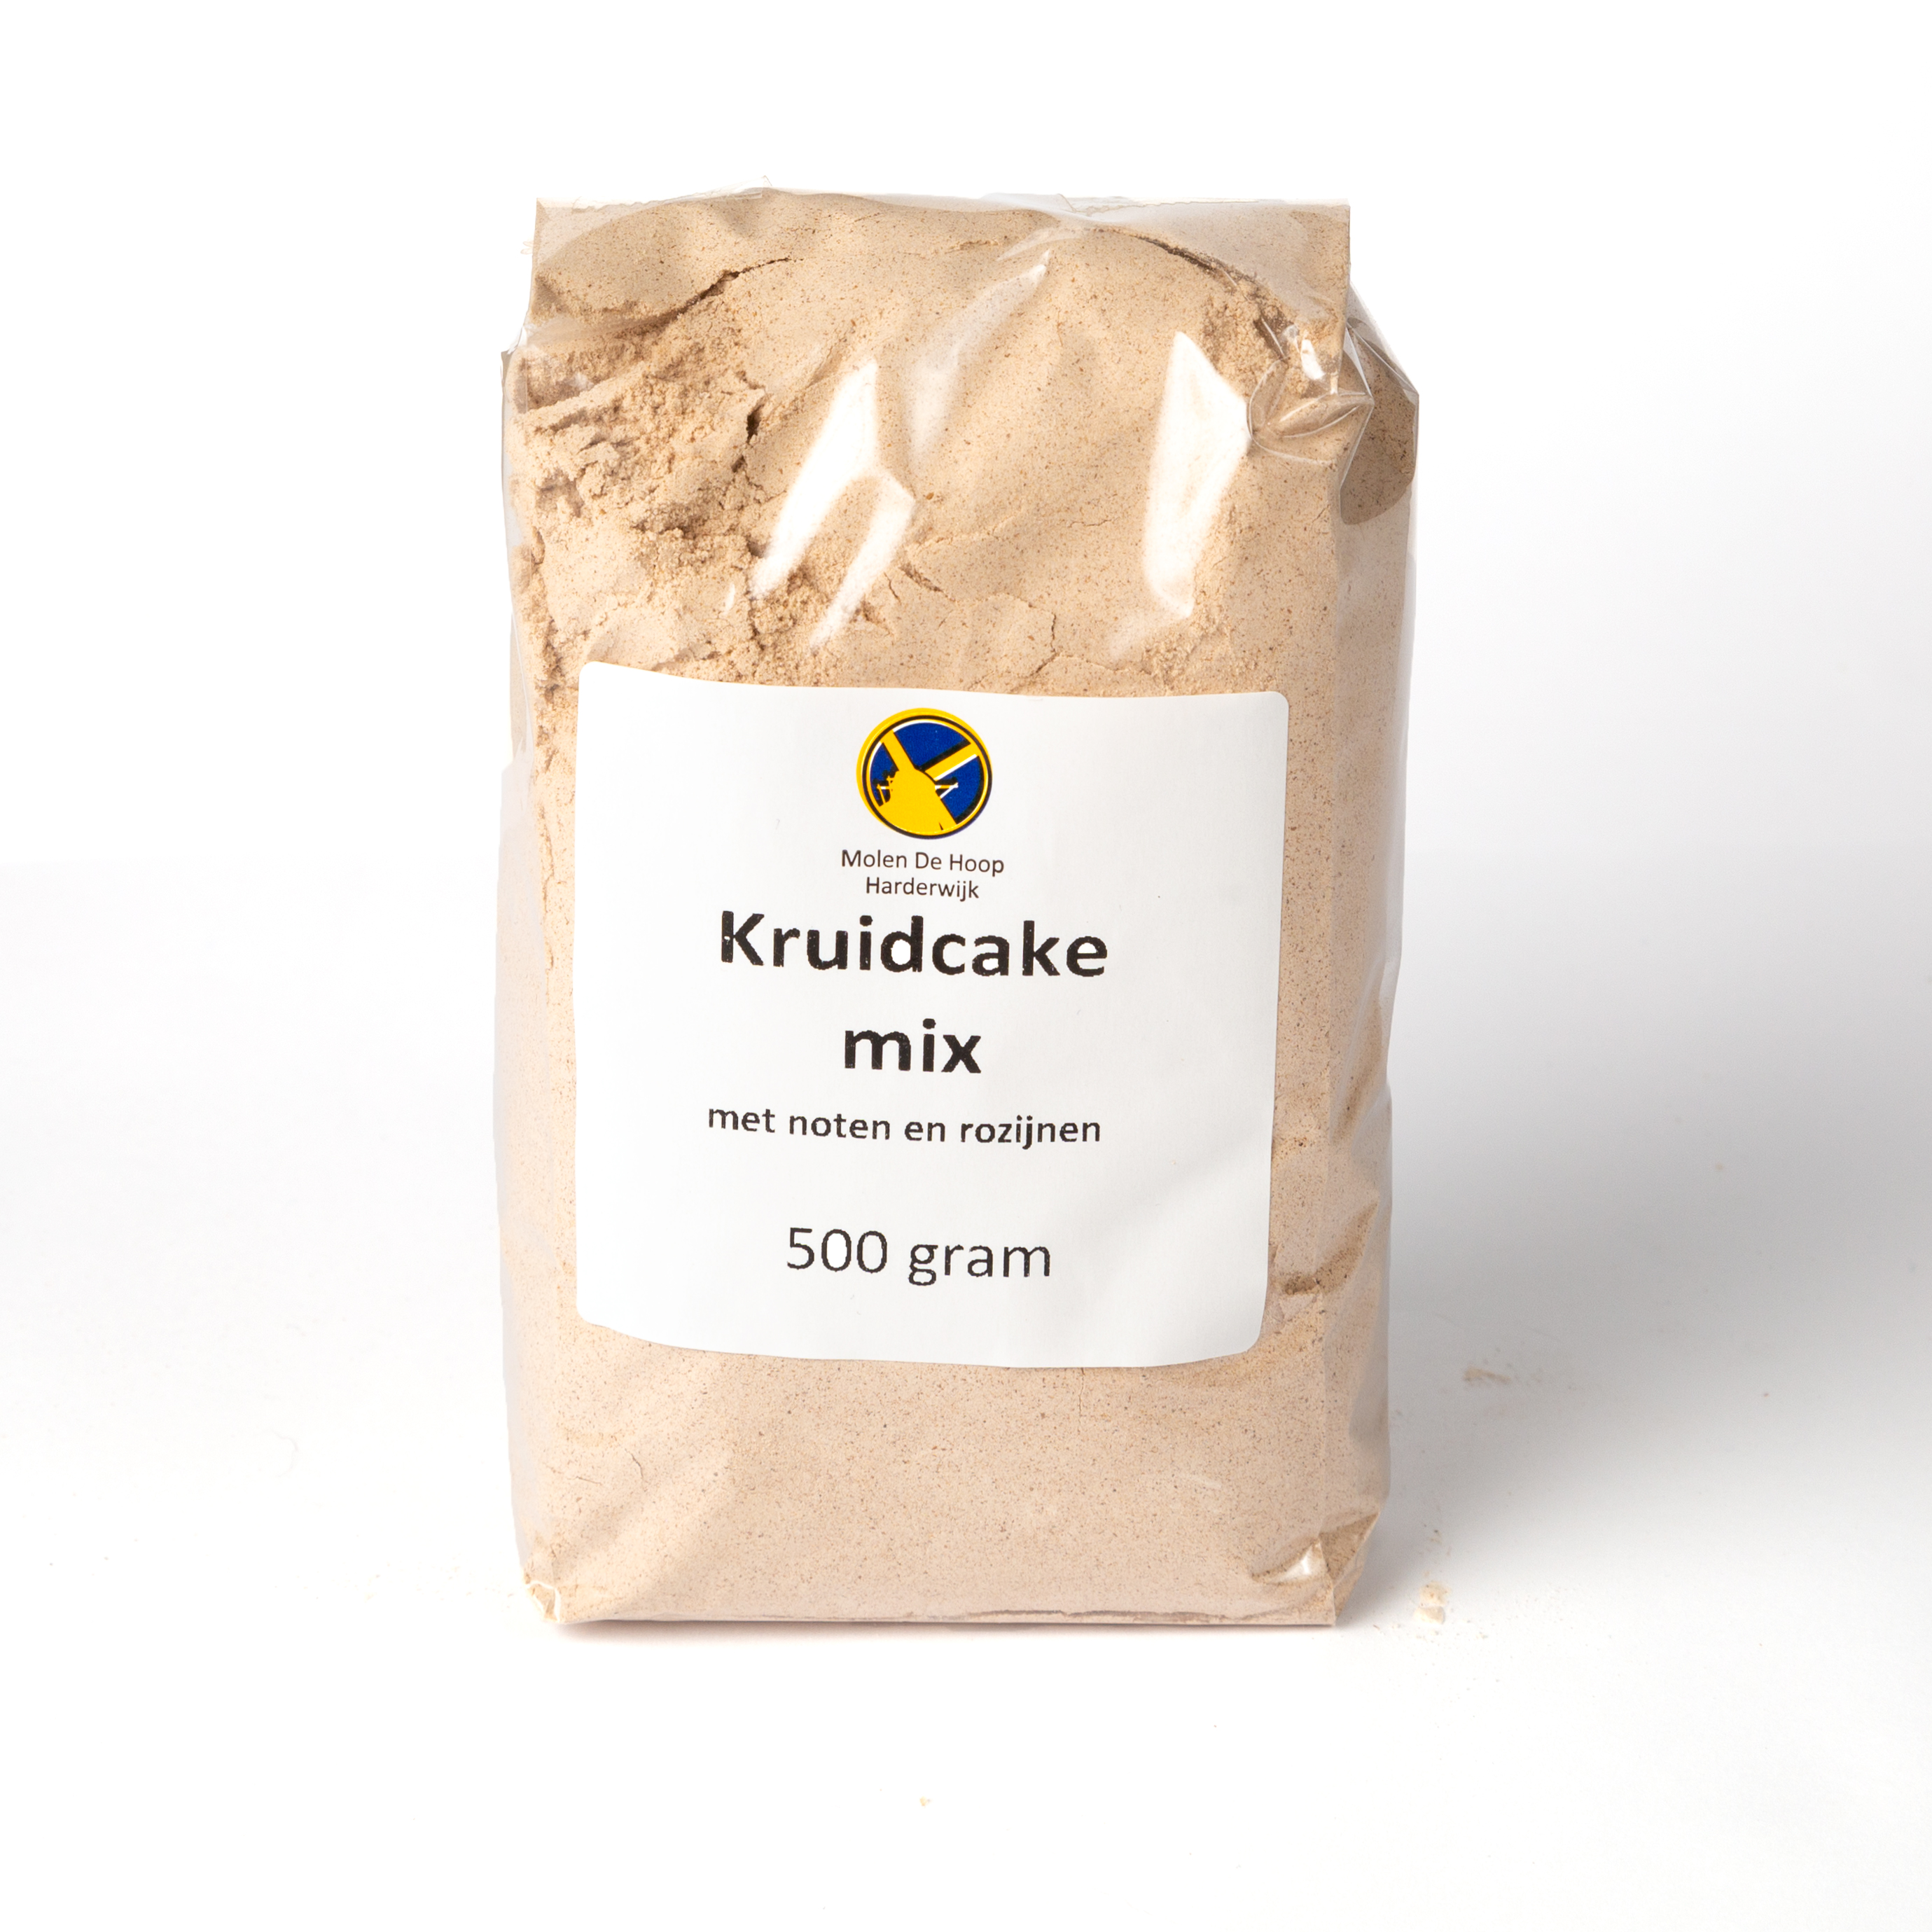 Kruidcake mix noten en rozijnen